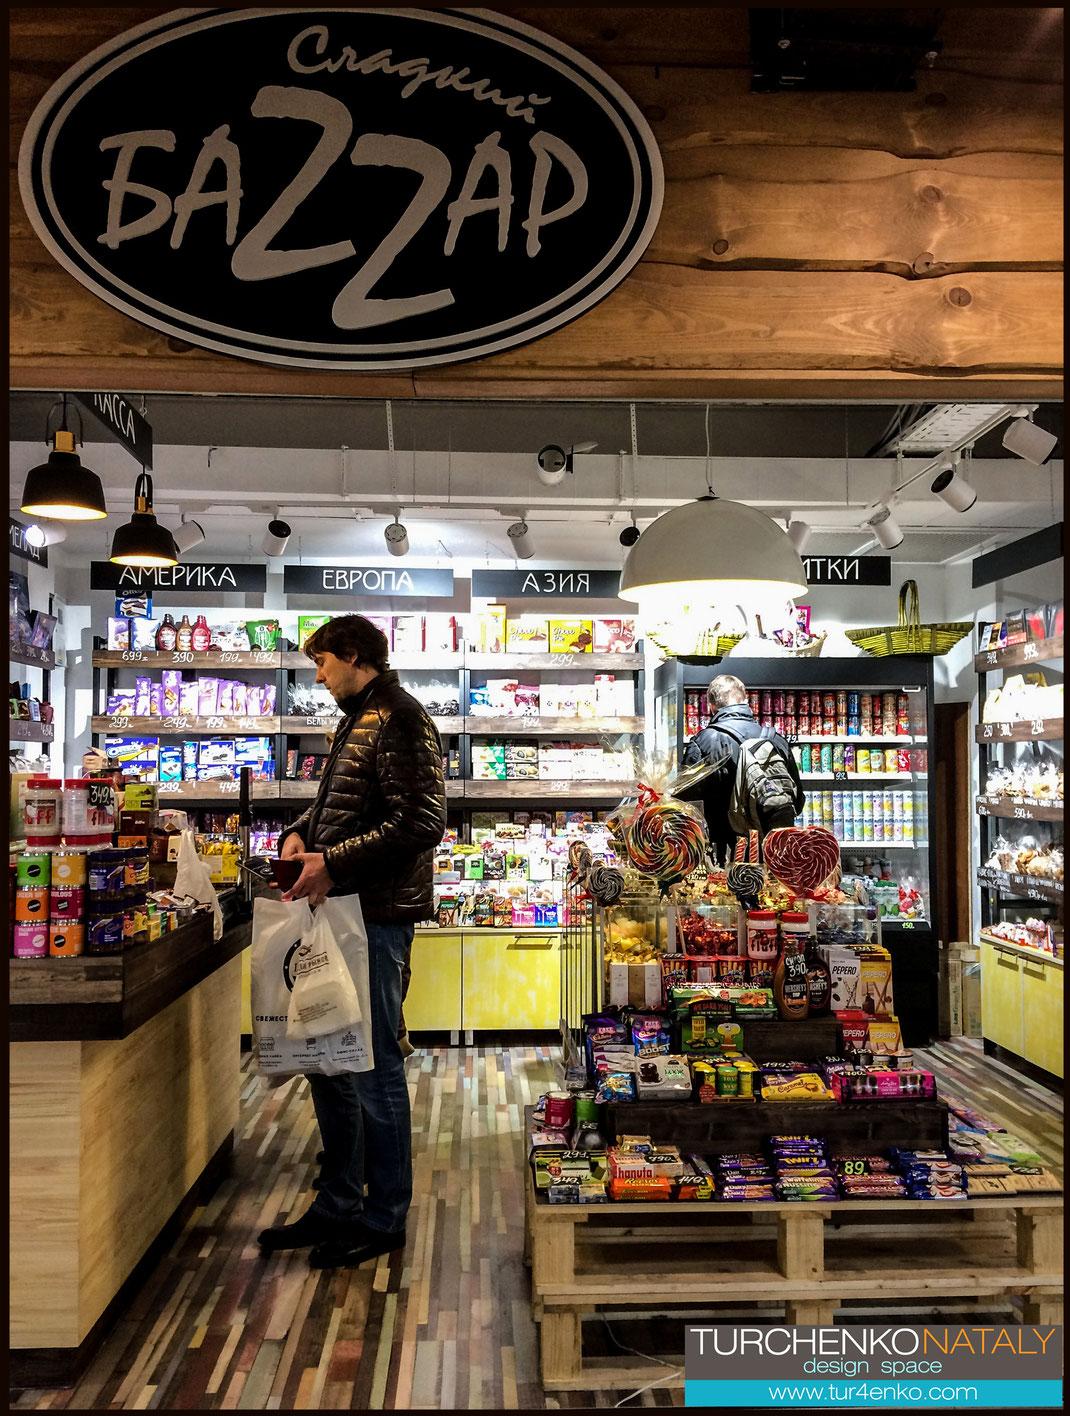 2 Дизайн магазина сладостей  ДИЗАЙН ИНТЕРЬЕРОВ МОСКВА 89163172980